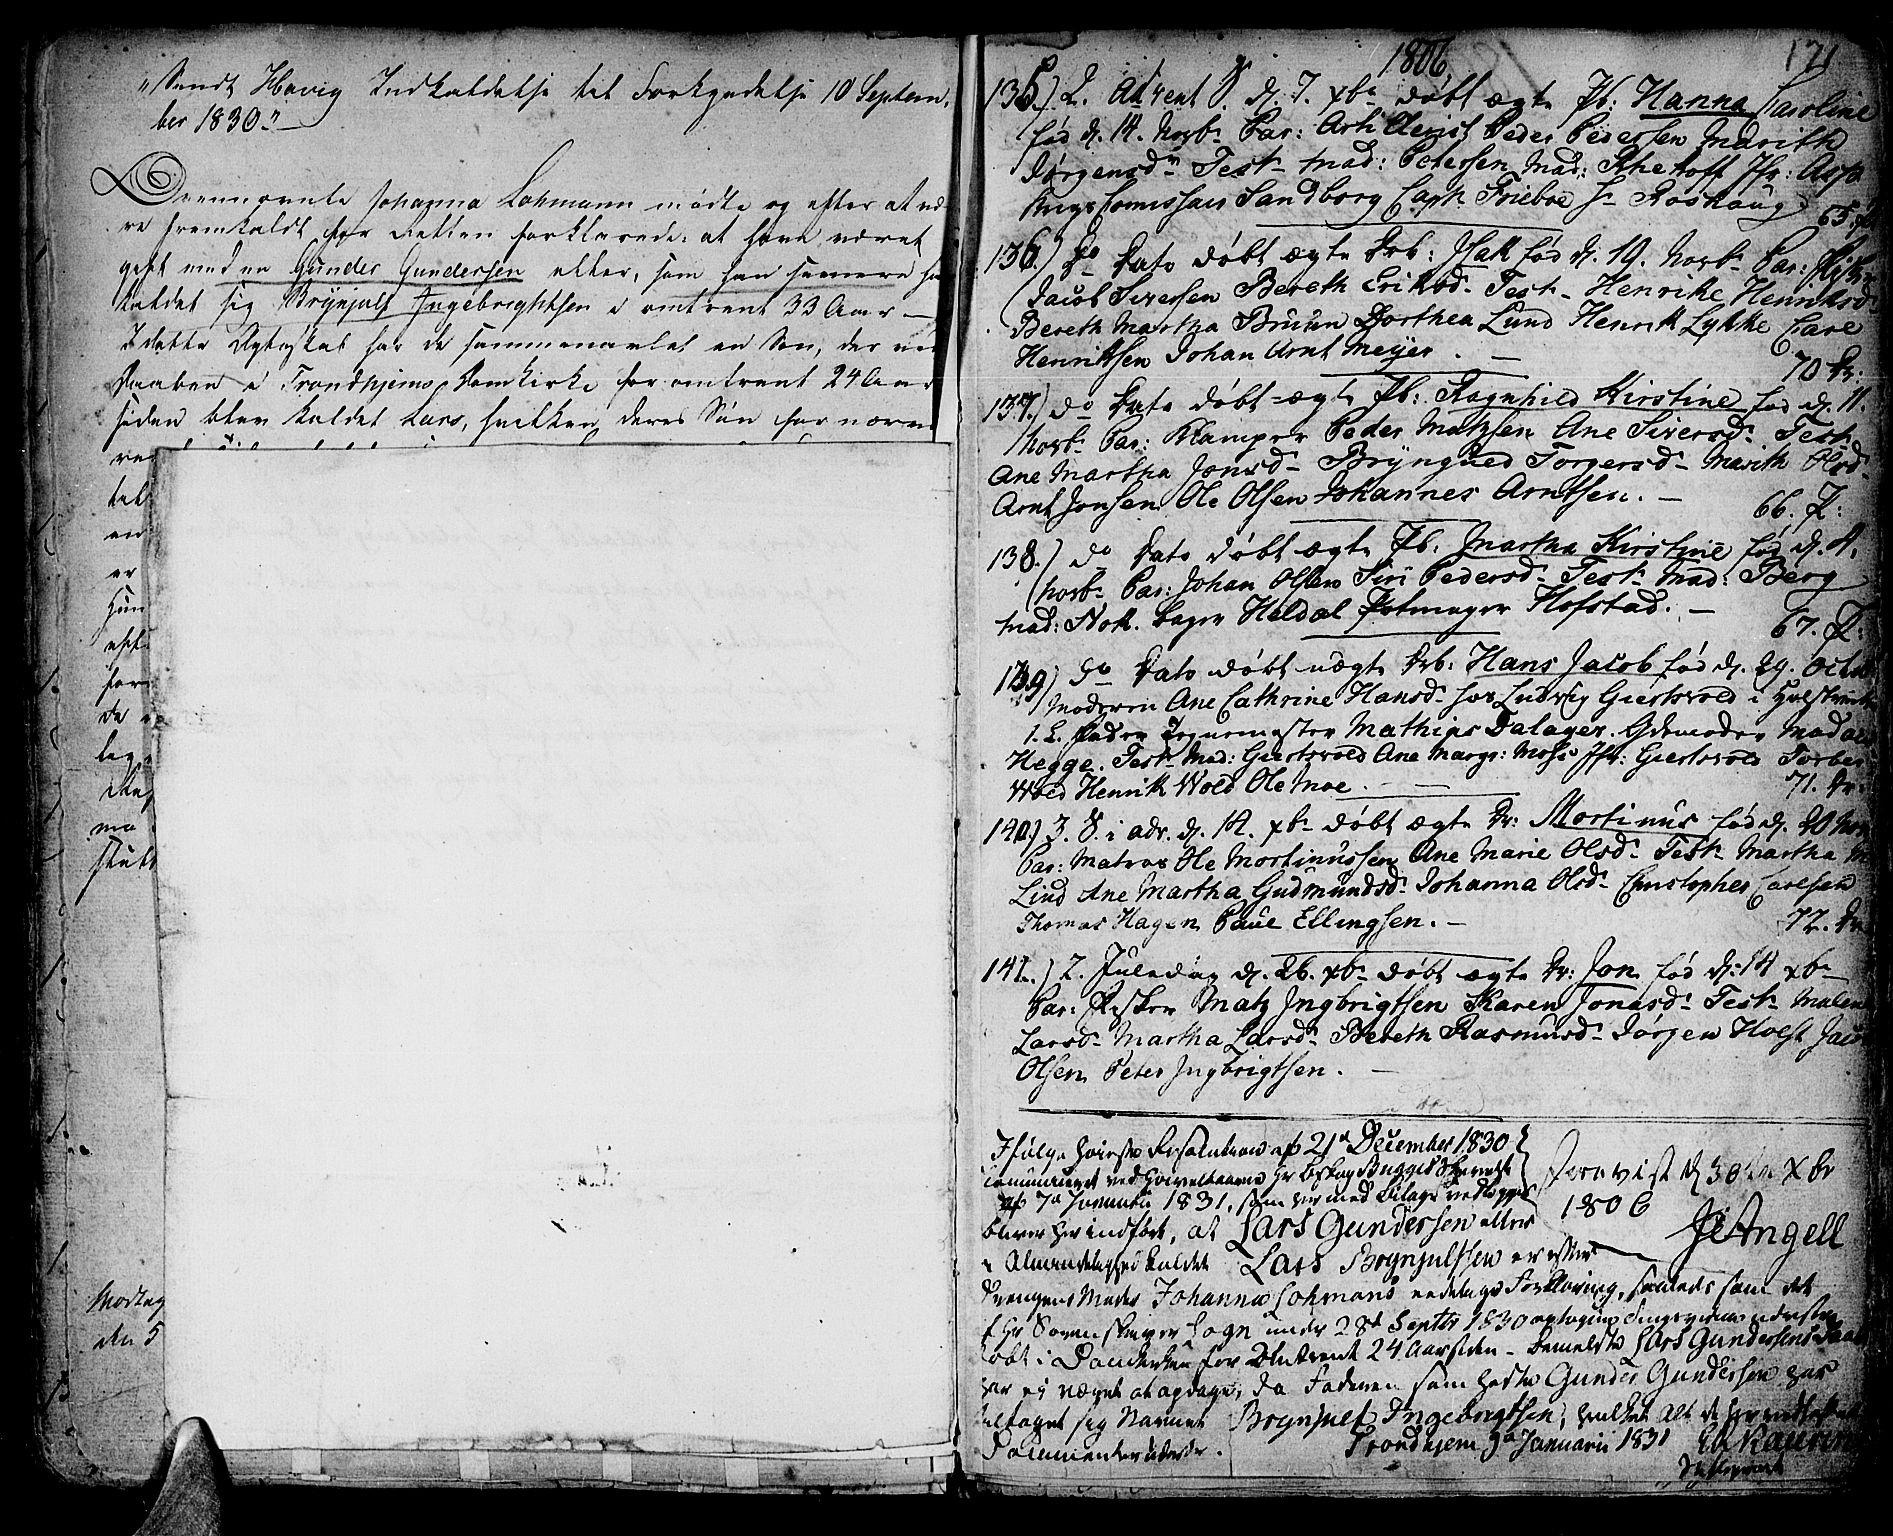 SAT, Ministerialprotokoller, klokkerbøker og fødselsregistre - Sør-Trøndelag, 601/L0039: Ministerialbok nr. 601A07, 1770-1819, s. 171